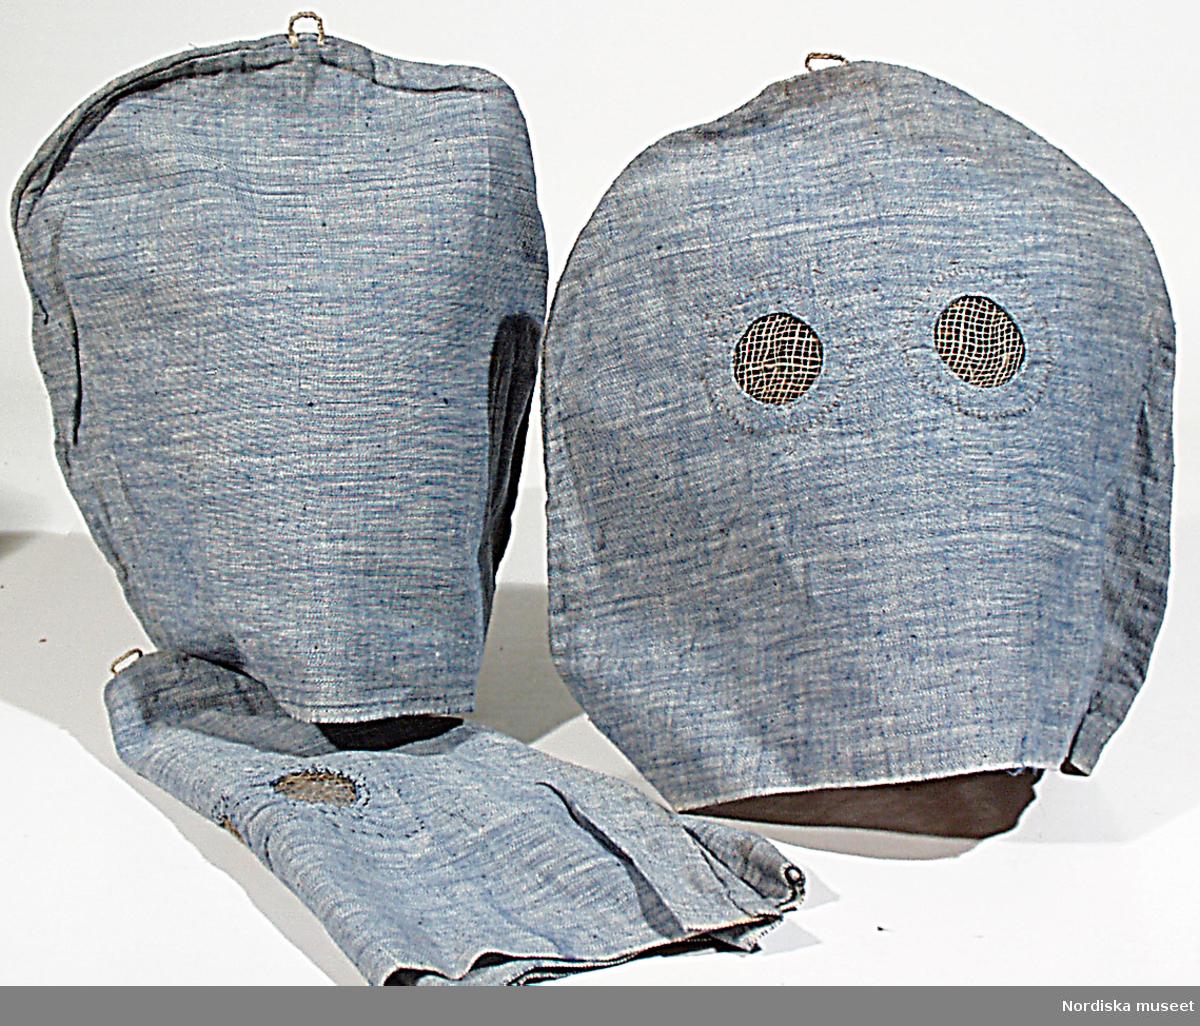 """Huvudliggare: """"Huva, ansiktsmask, tunt bomullstyg, 3 st; vit varp, blått inslag; Halvcirkelformade, något förlängda nedåt; högt upp liten garnögla; på framstycket urtag för ögon och innanför gles linneväv; helt handsydd med söm tvärs över; använts på kriminalvårdsanstalten i Mariestad. Br 37 cm, H 29 cm. G 1976 25/5 Kriminalvårdsstyrelsen, Norrköping. Mariestad."""""""